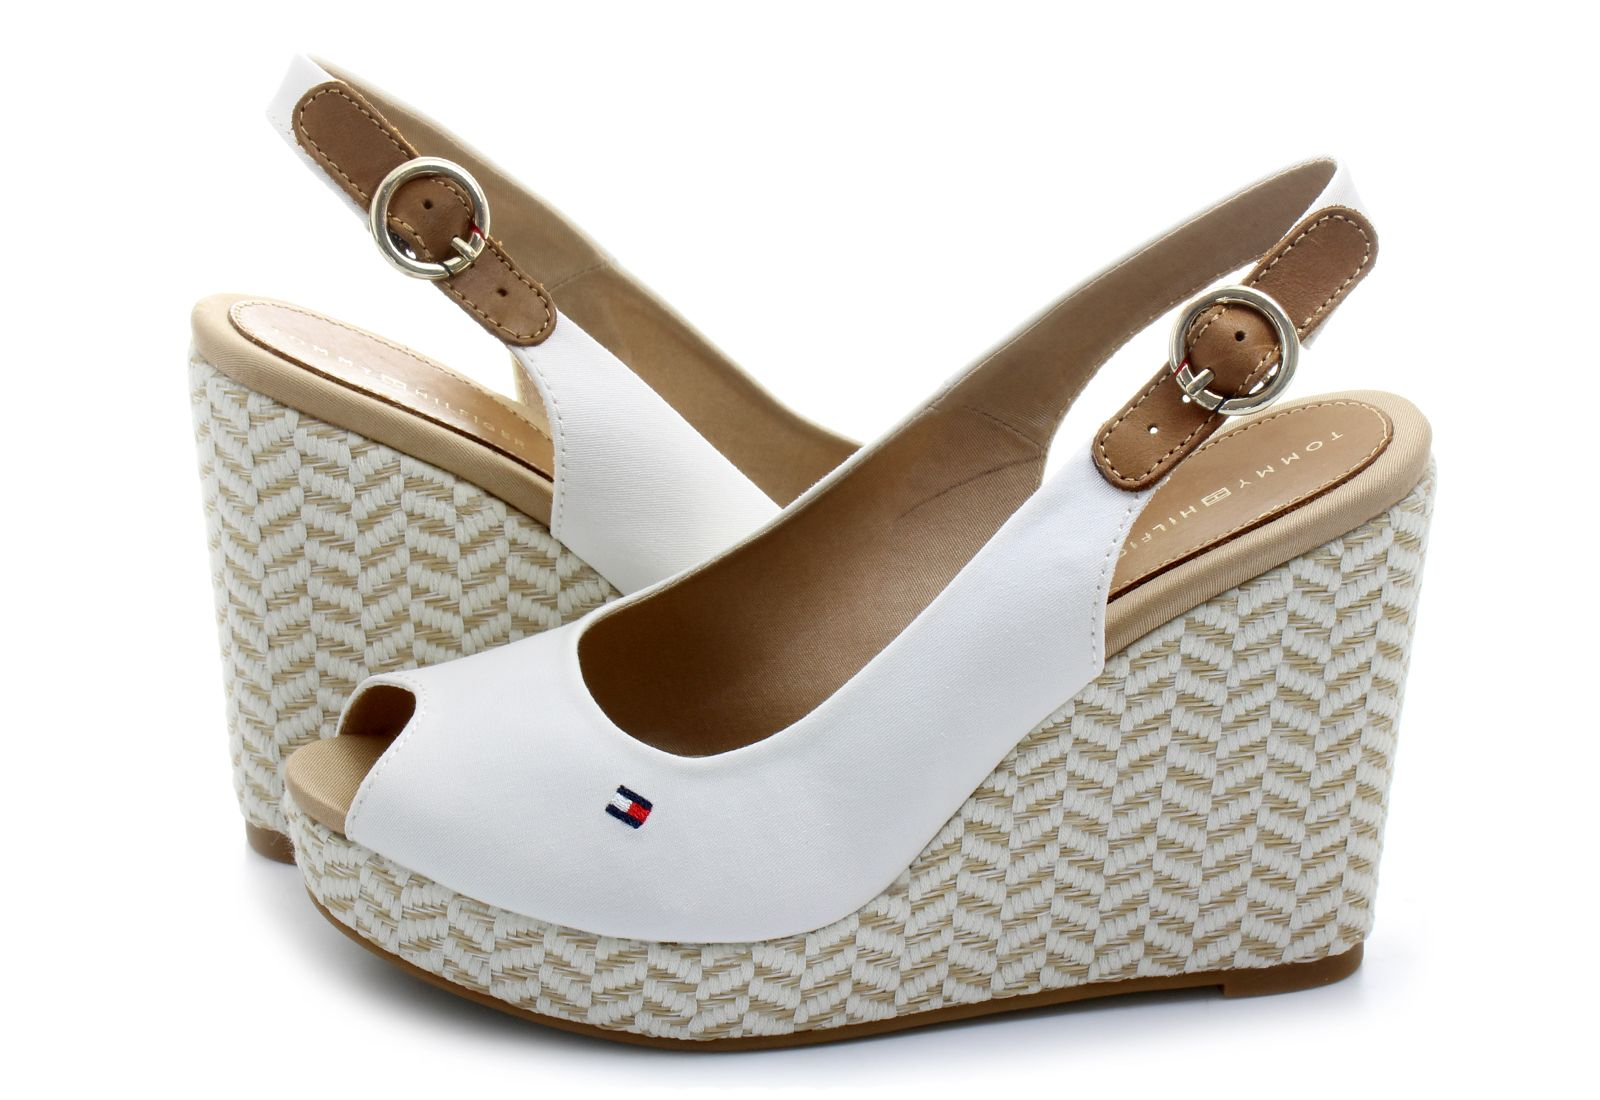 2b5290e1edc Tommy Hilfiger Sandale - Elena 57d - 17S-0908-016 - Office Shoes ...